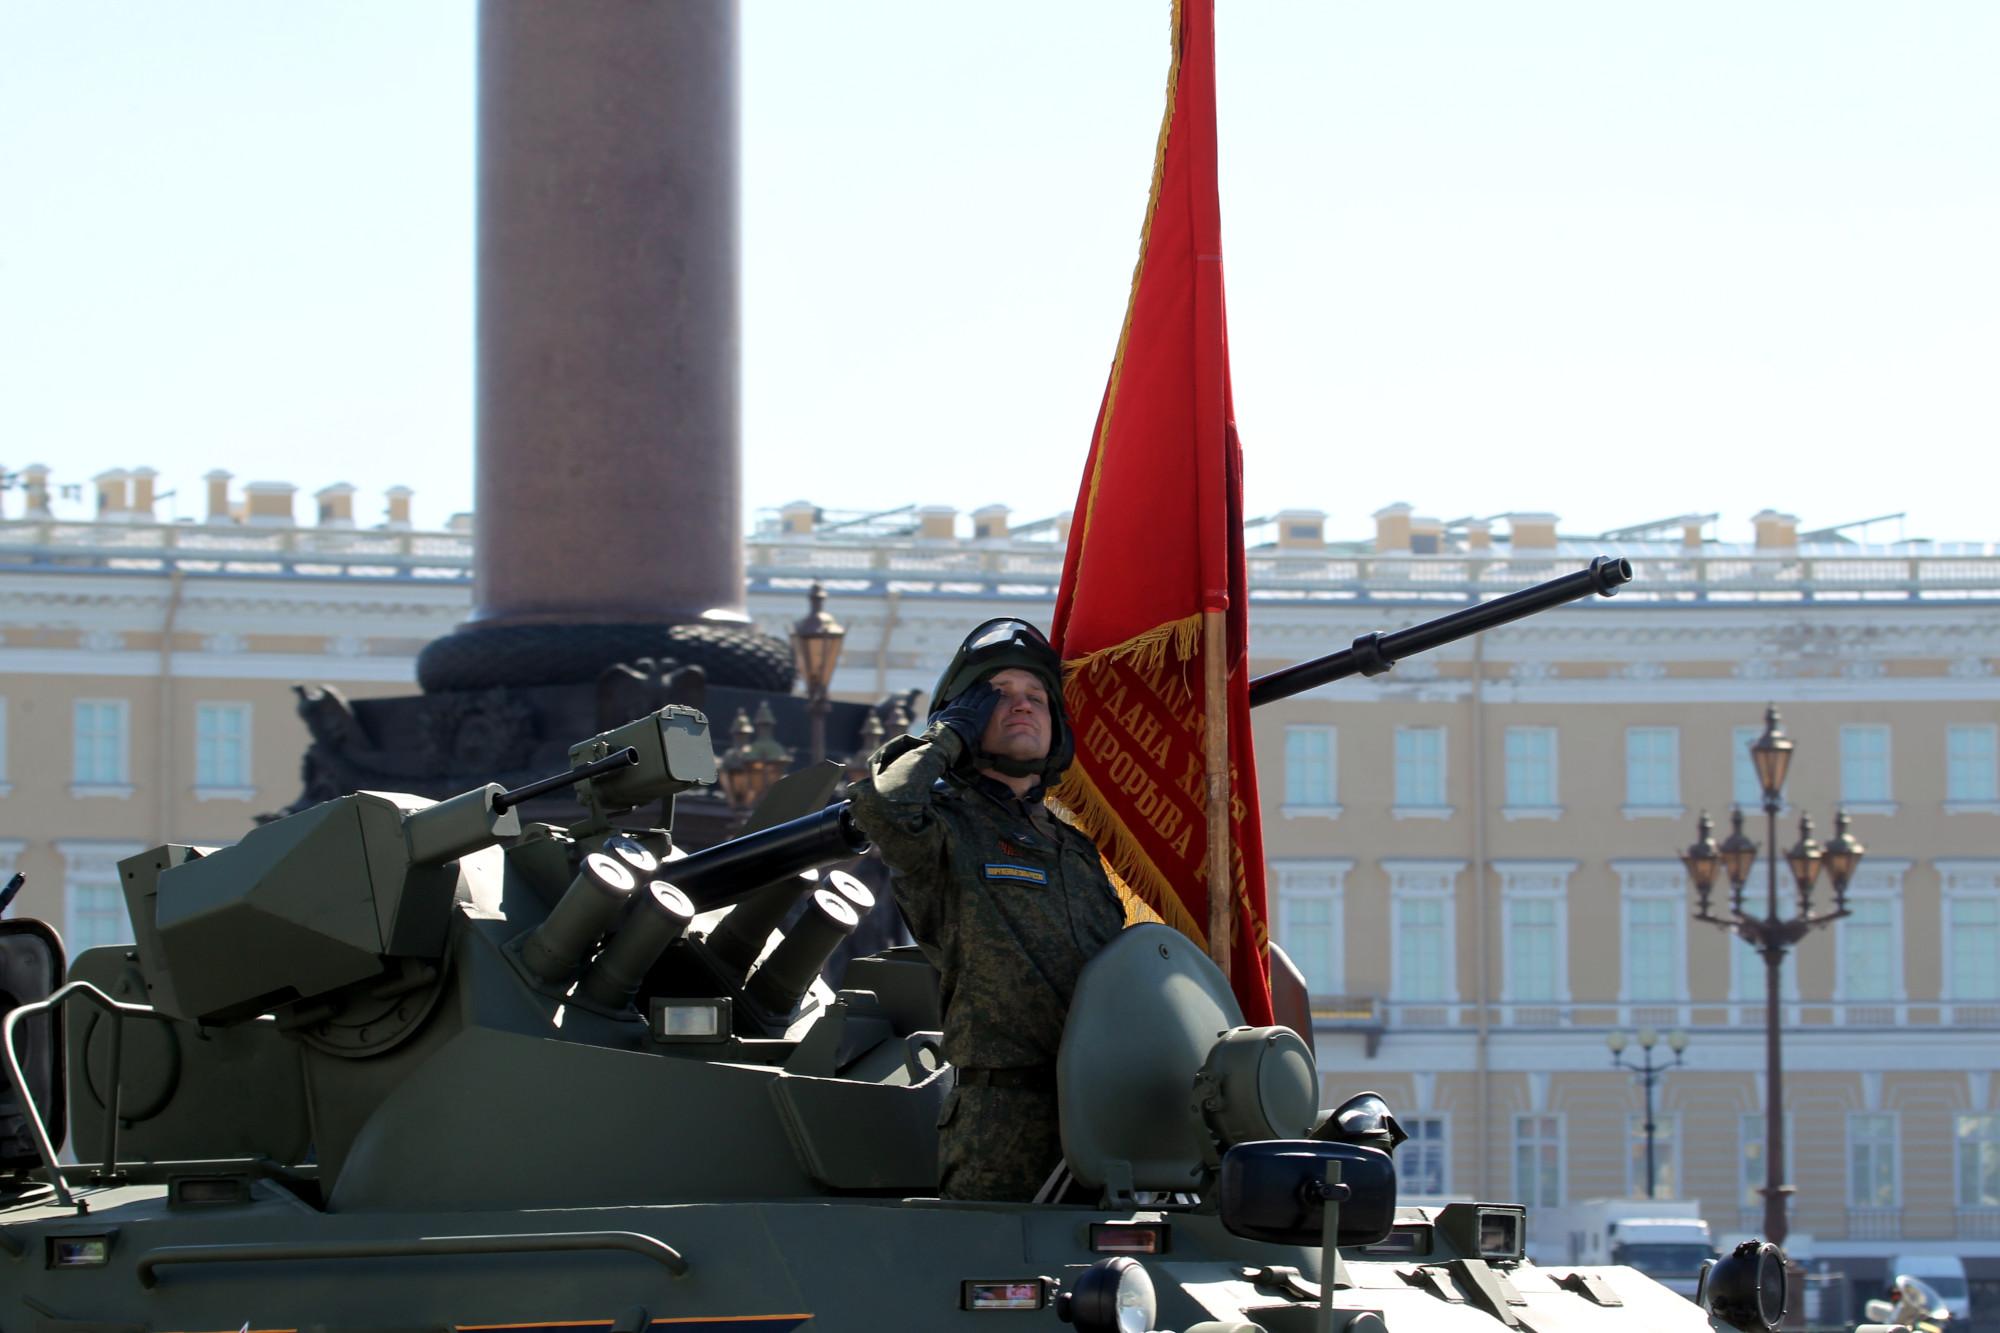 парад победы, день победы, 9 мая, армия, военнослужащие, бронетехника